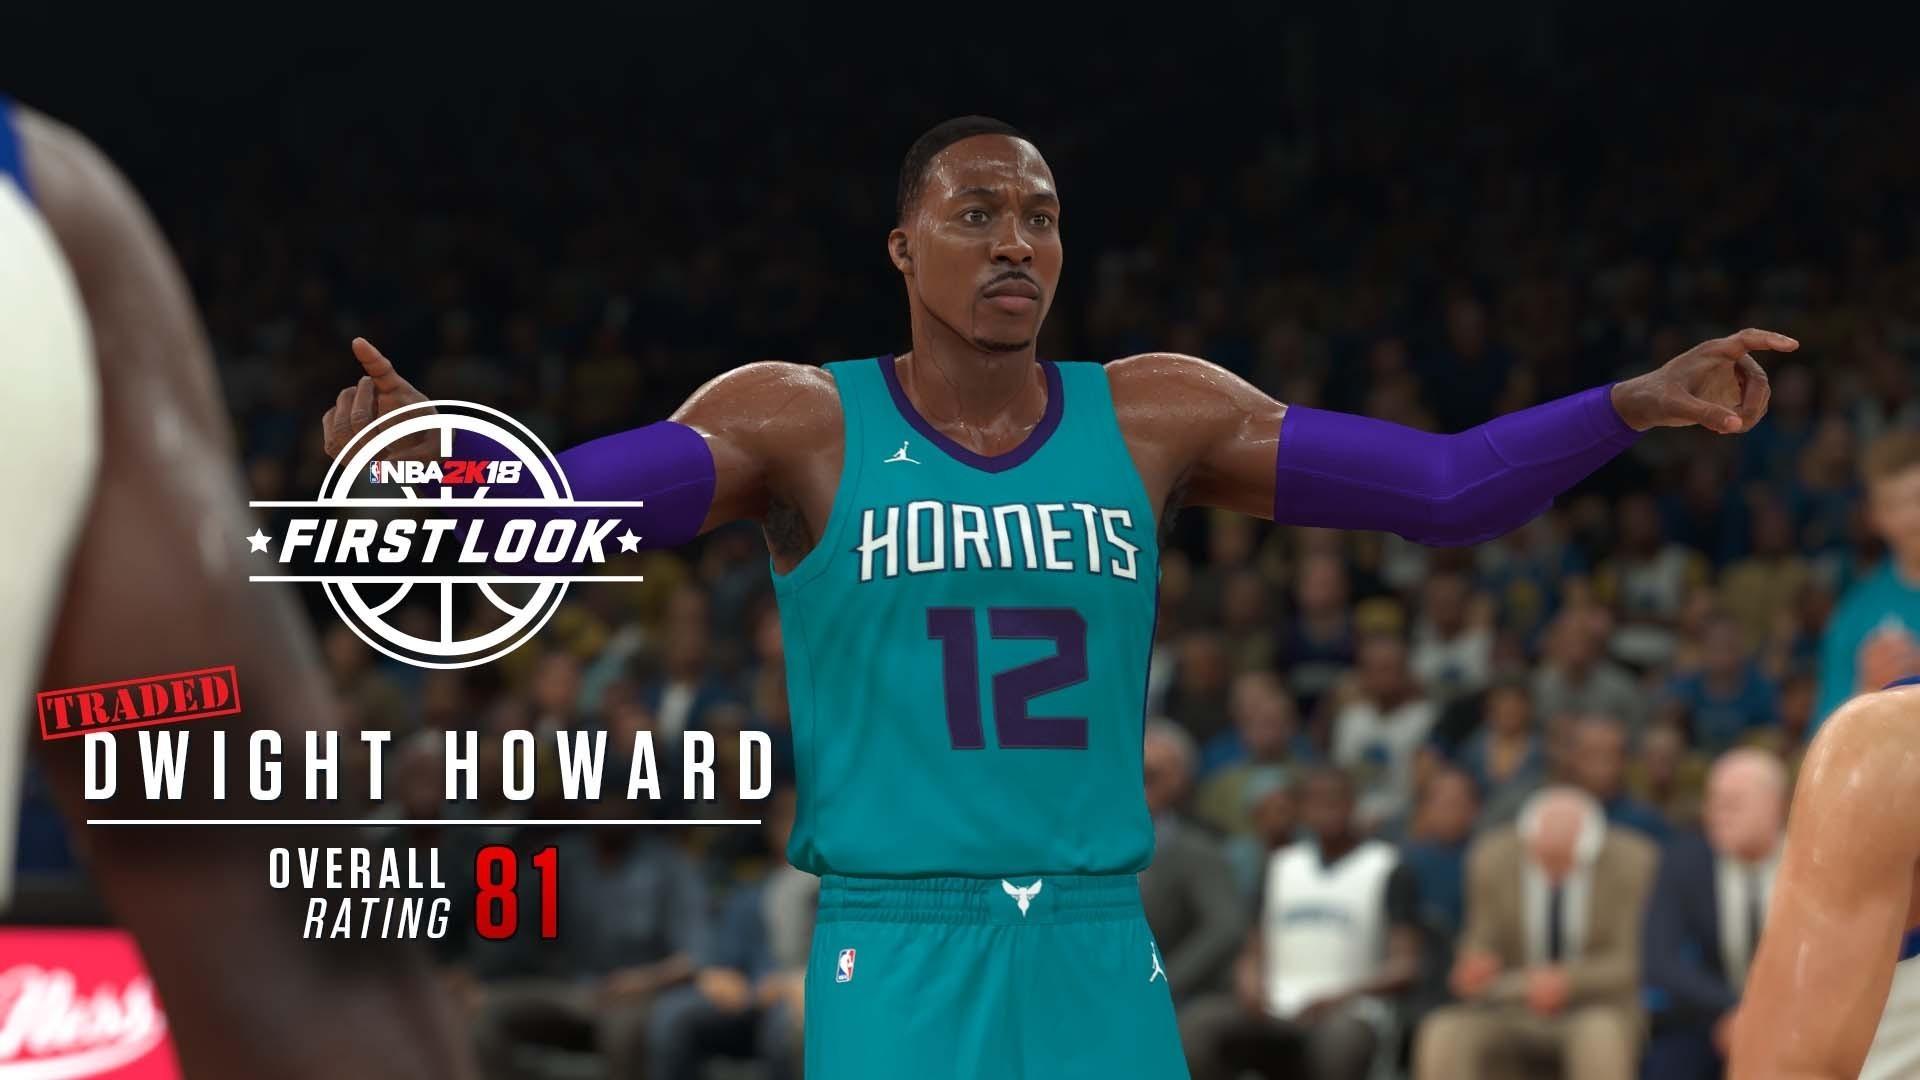 NBA 2k18 - Dwight Howard